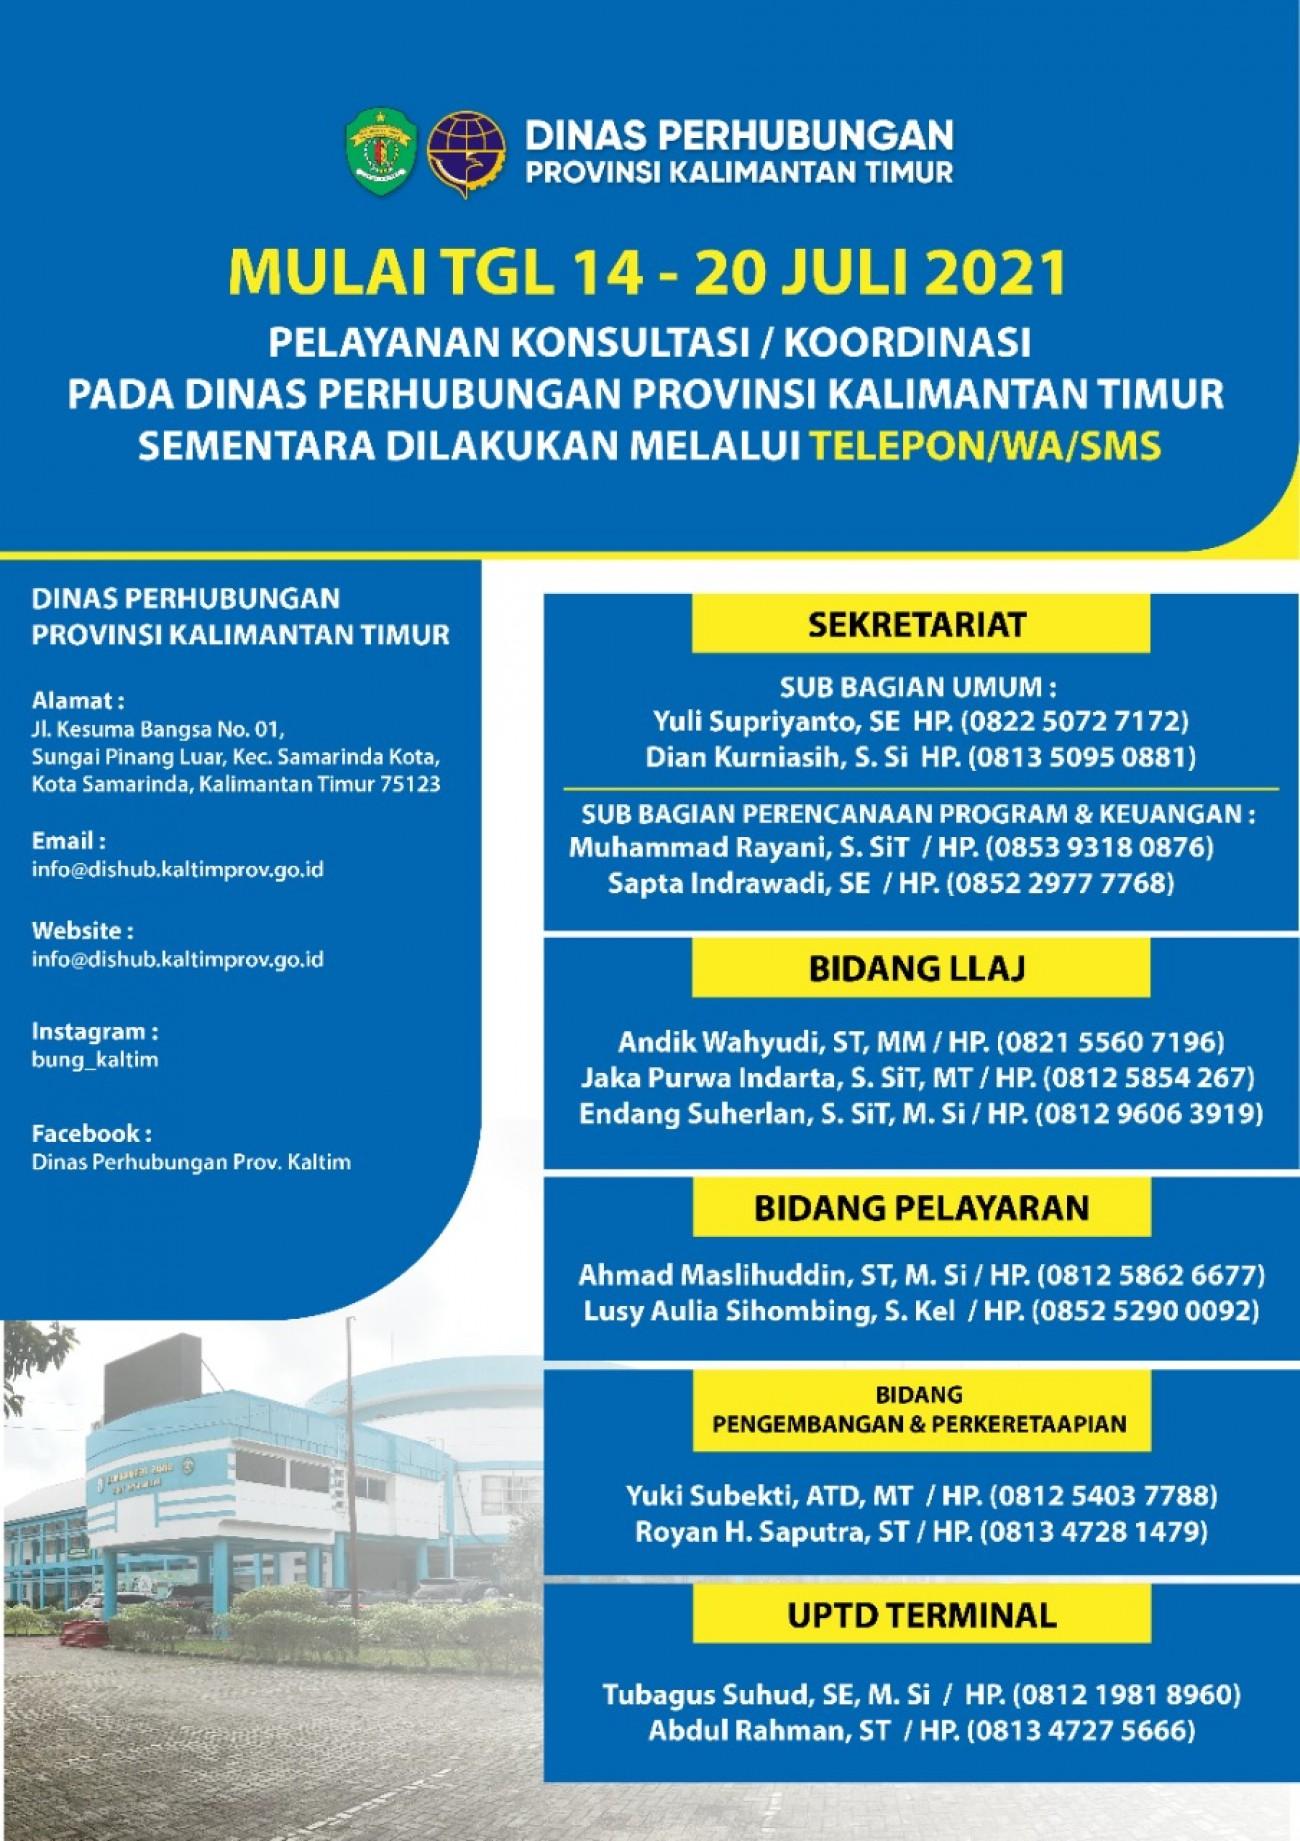 Mulai Tgl. 14 - 20 Juli 2021 Pelayanan Konsultasi / Koordinasi Pada Dinas Perhubungan Provinsi Kalimantan Timur Sementara Dilakukan Melalui Telepon/Wa/Sms